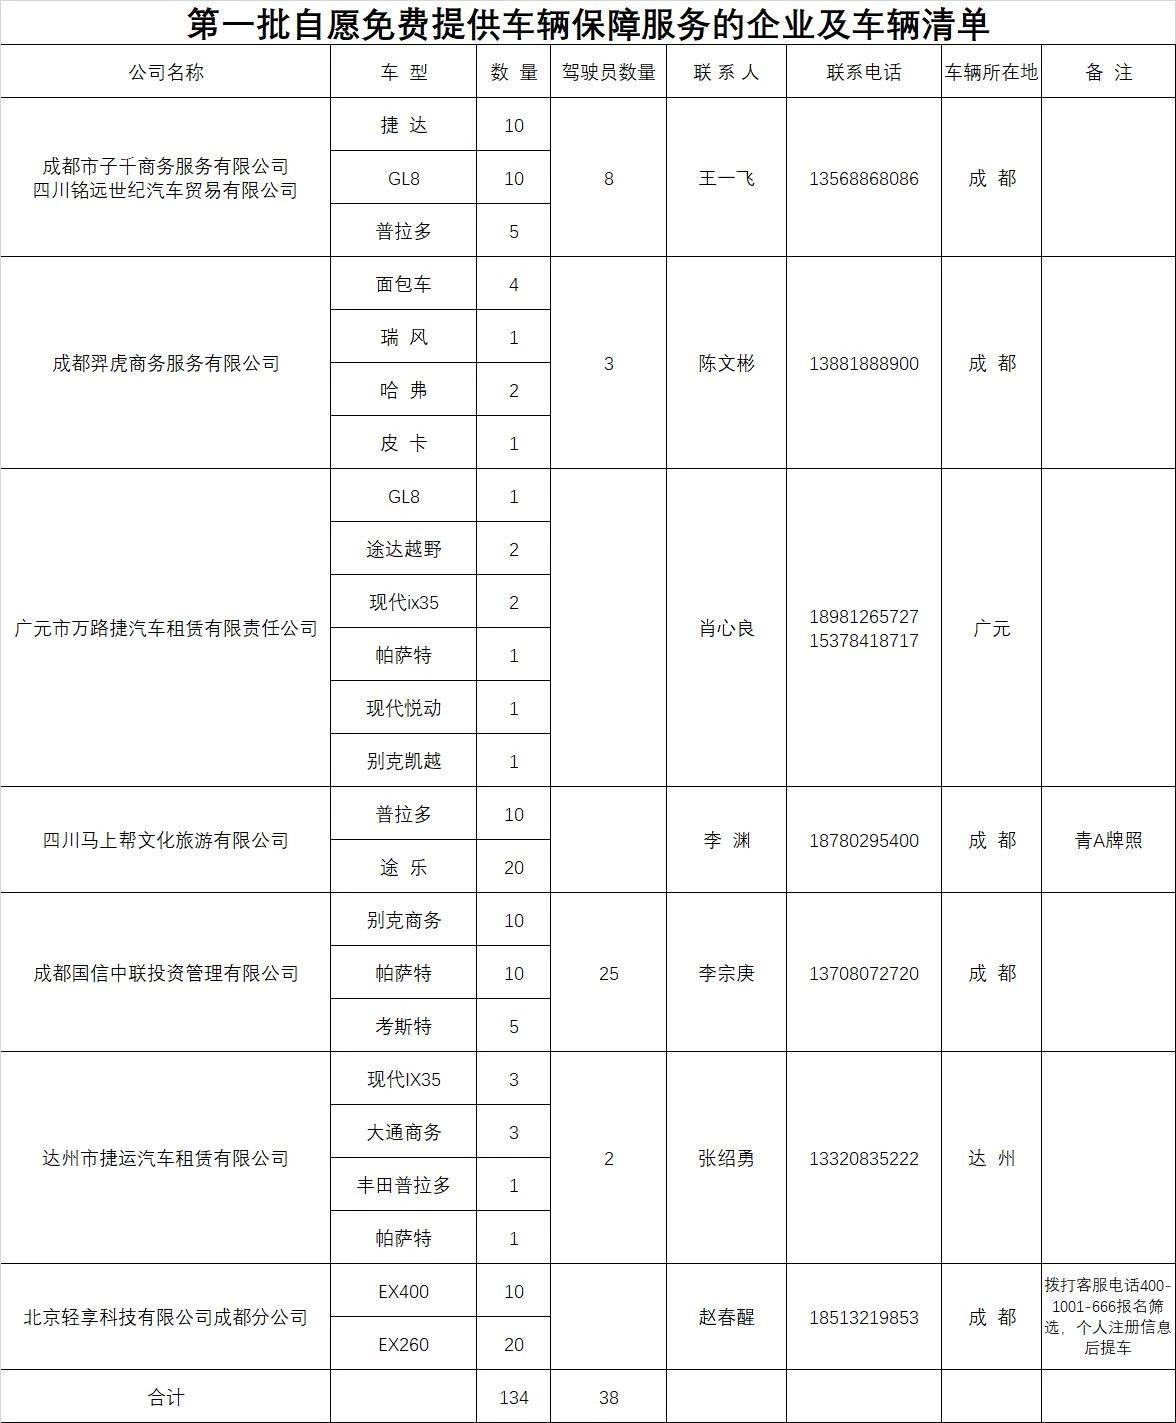 四川汽车租赁分会第一批自愿免费提供车辆保证的企业及车辆清单